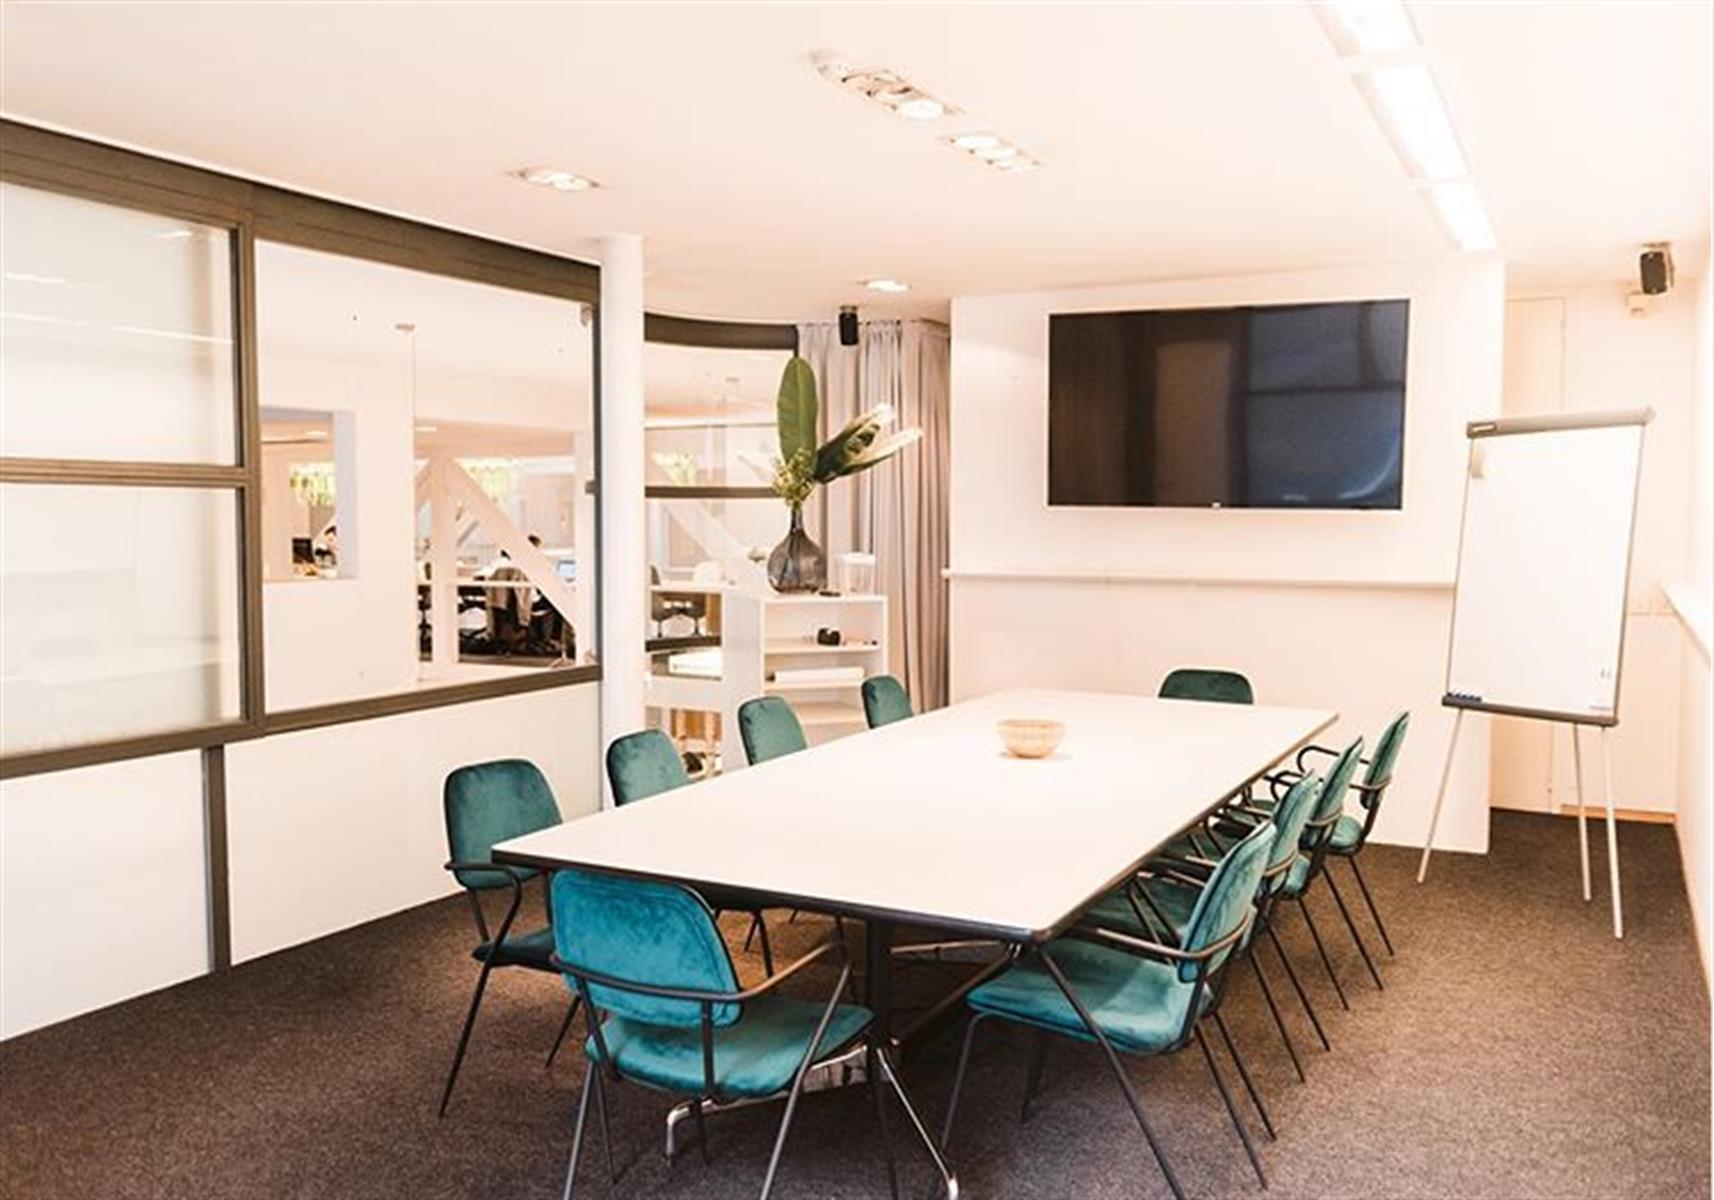 kantoor te huur Virtueel kantoor - IJzerenpoortkaai 3, 2000 Antwerpen, België 3